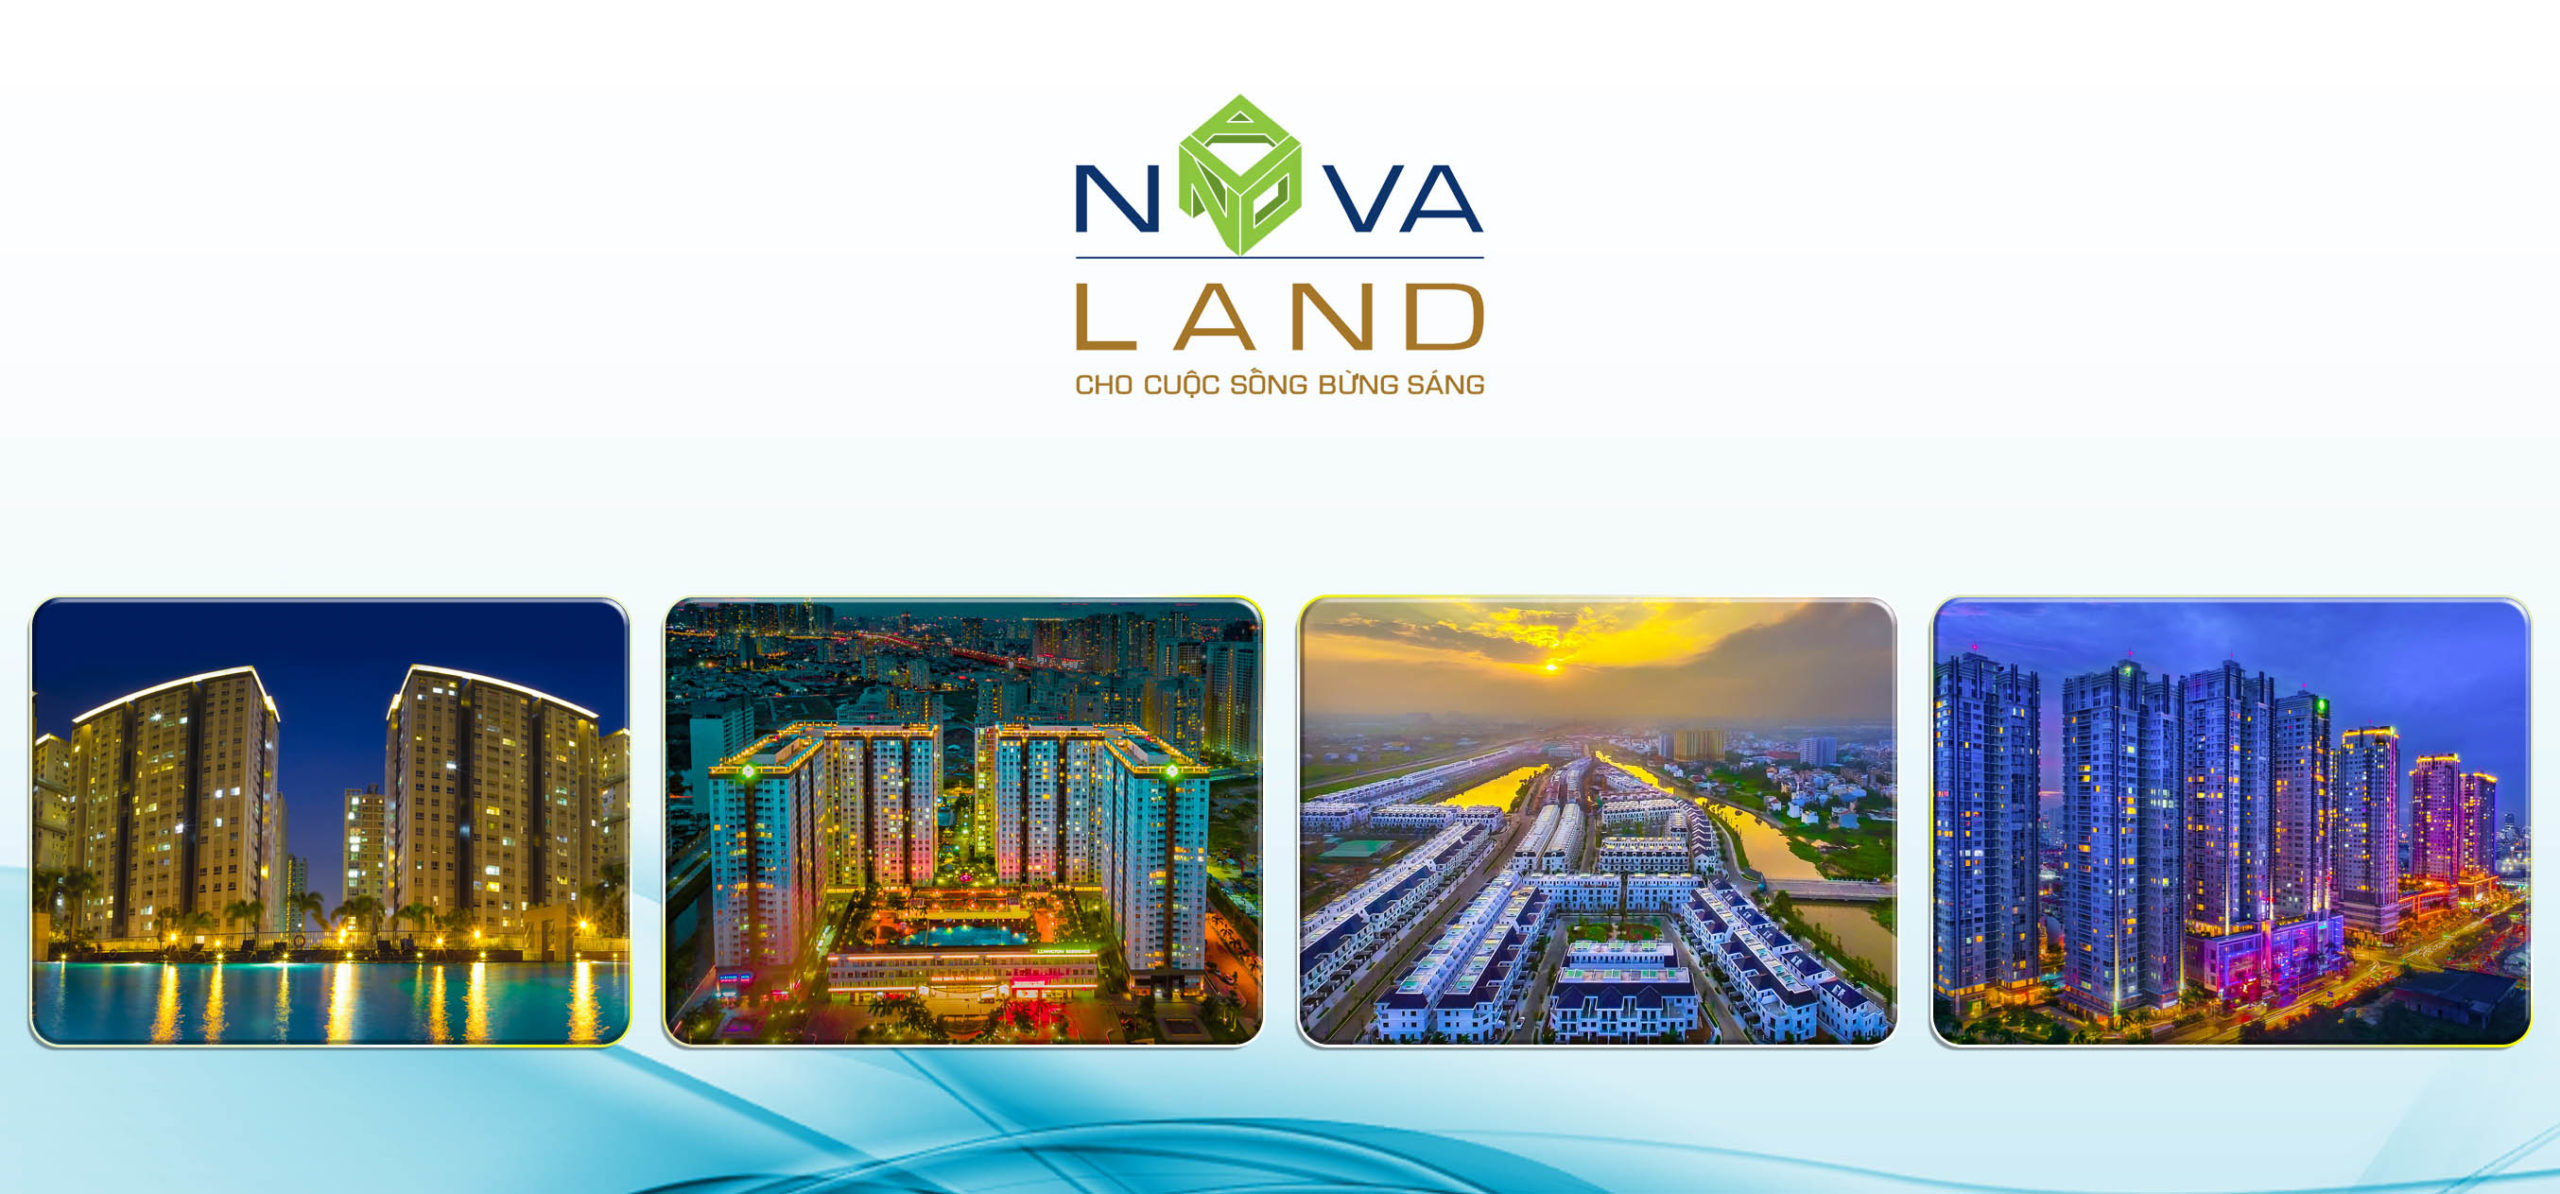 Dự án của tập đoàn Novaland